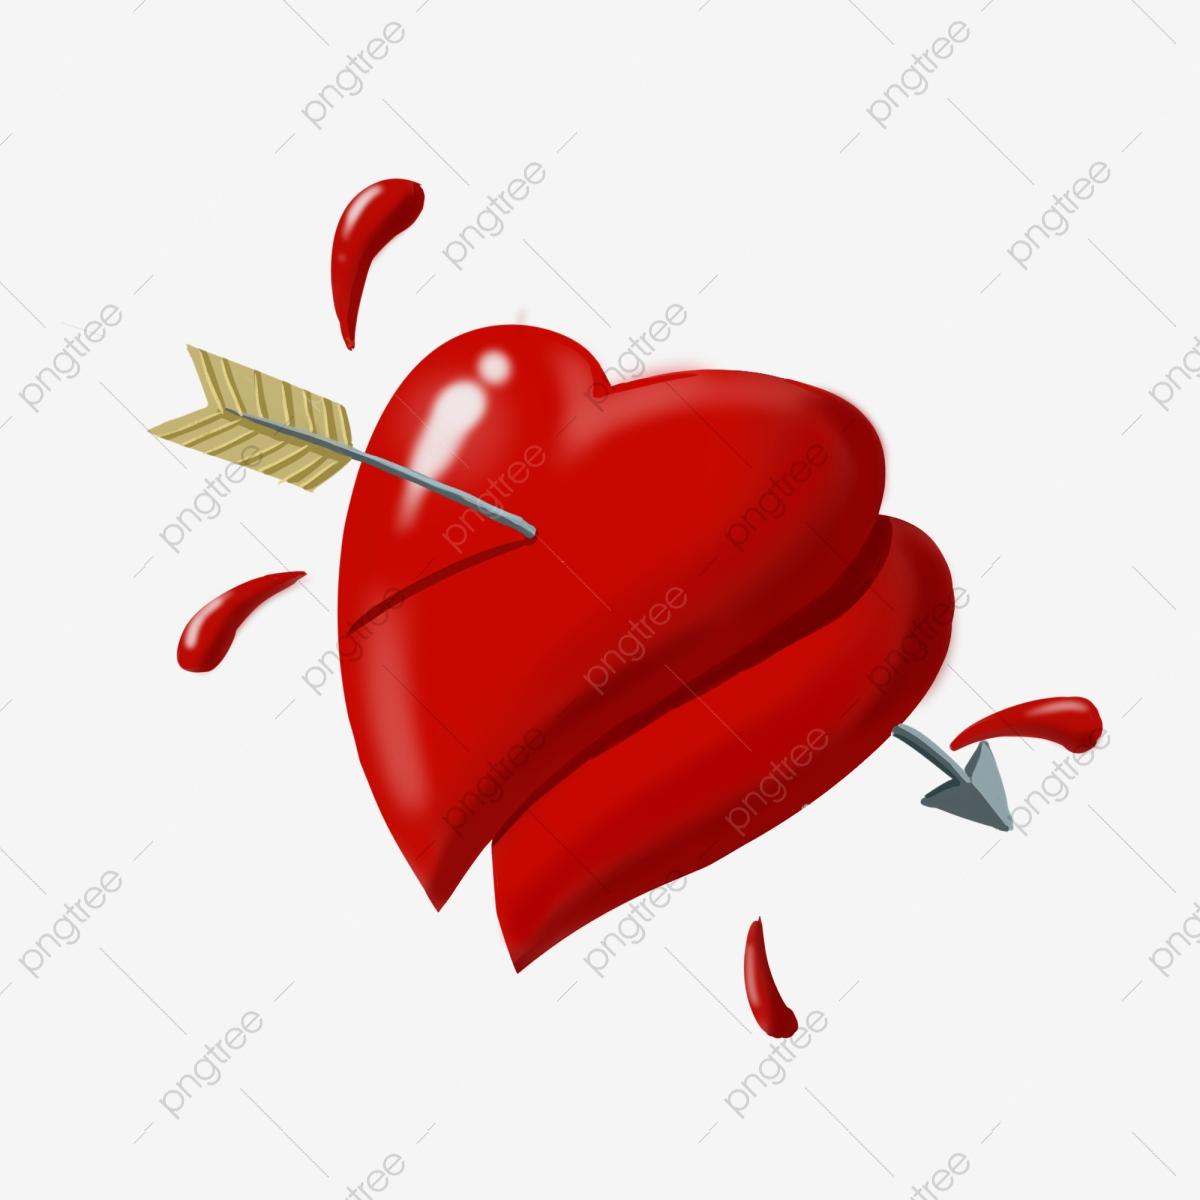 Pfeil Durch Herzillustration Alles Gute Zum Valentinstag mit Herzen Bilder Kostenlos